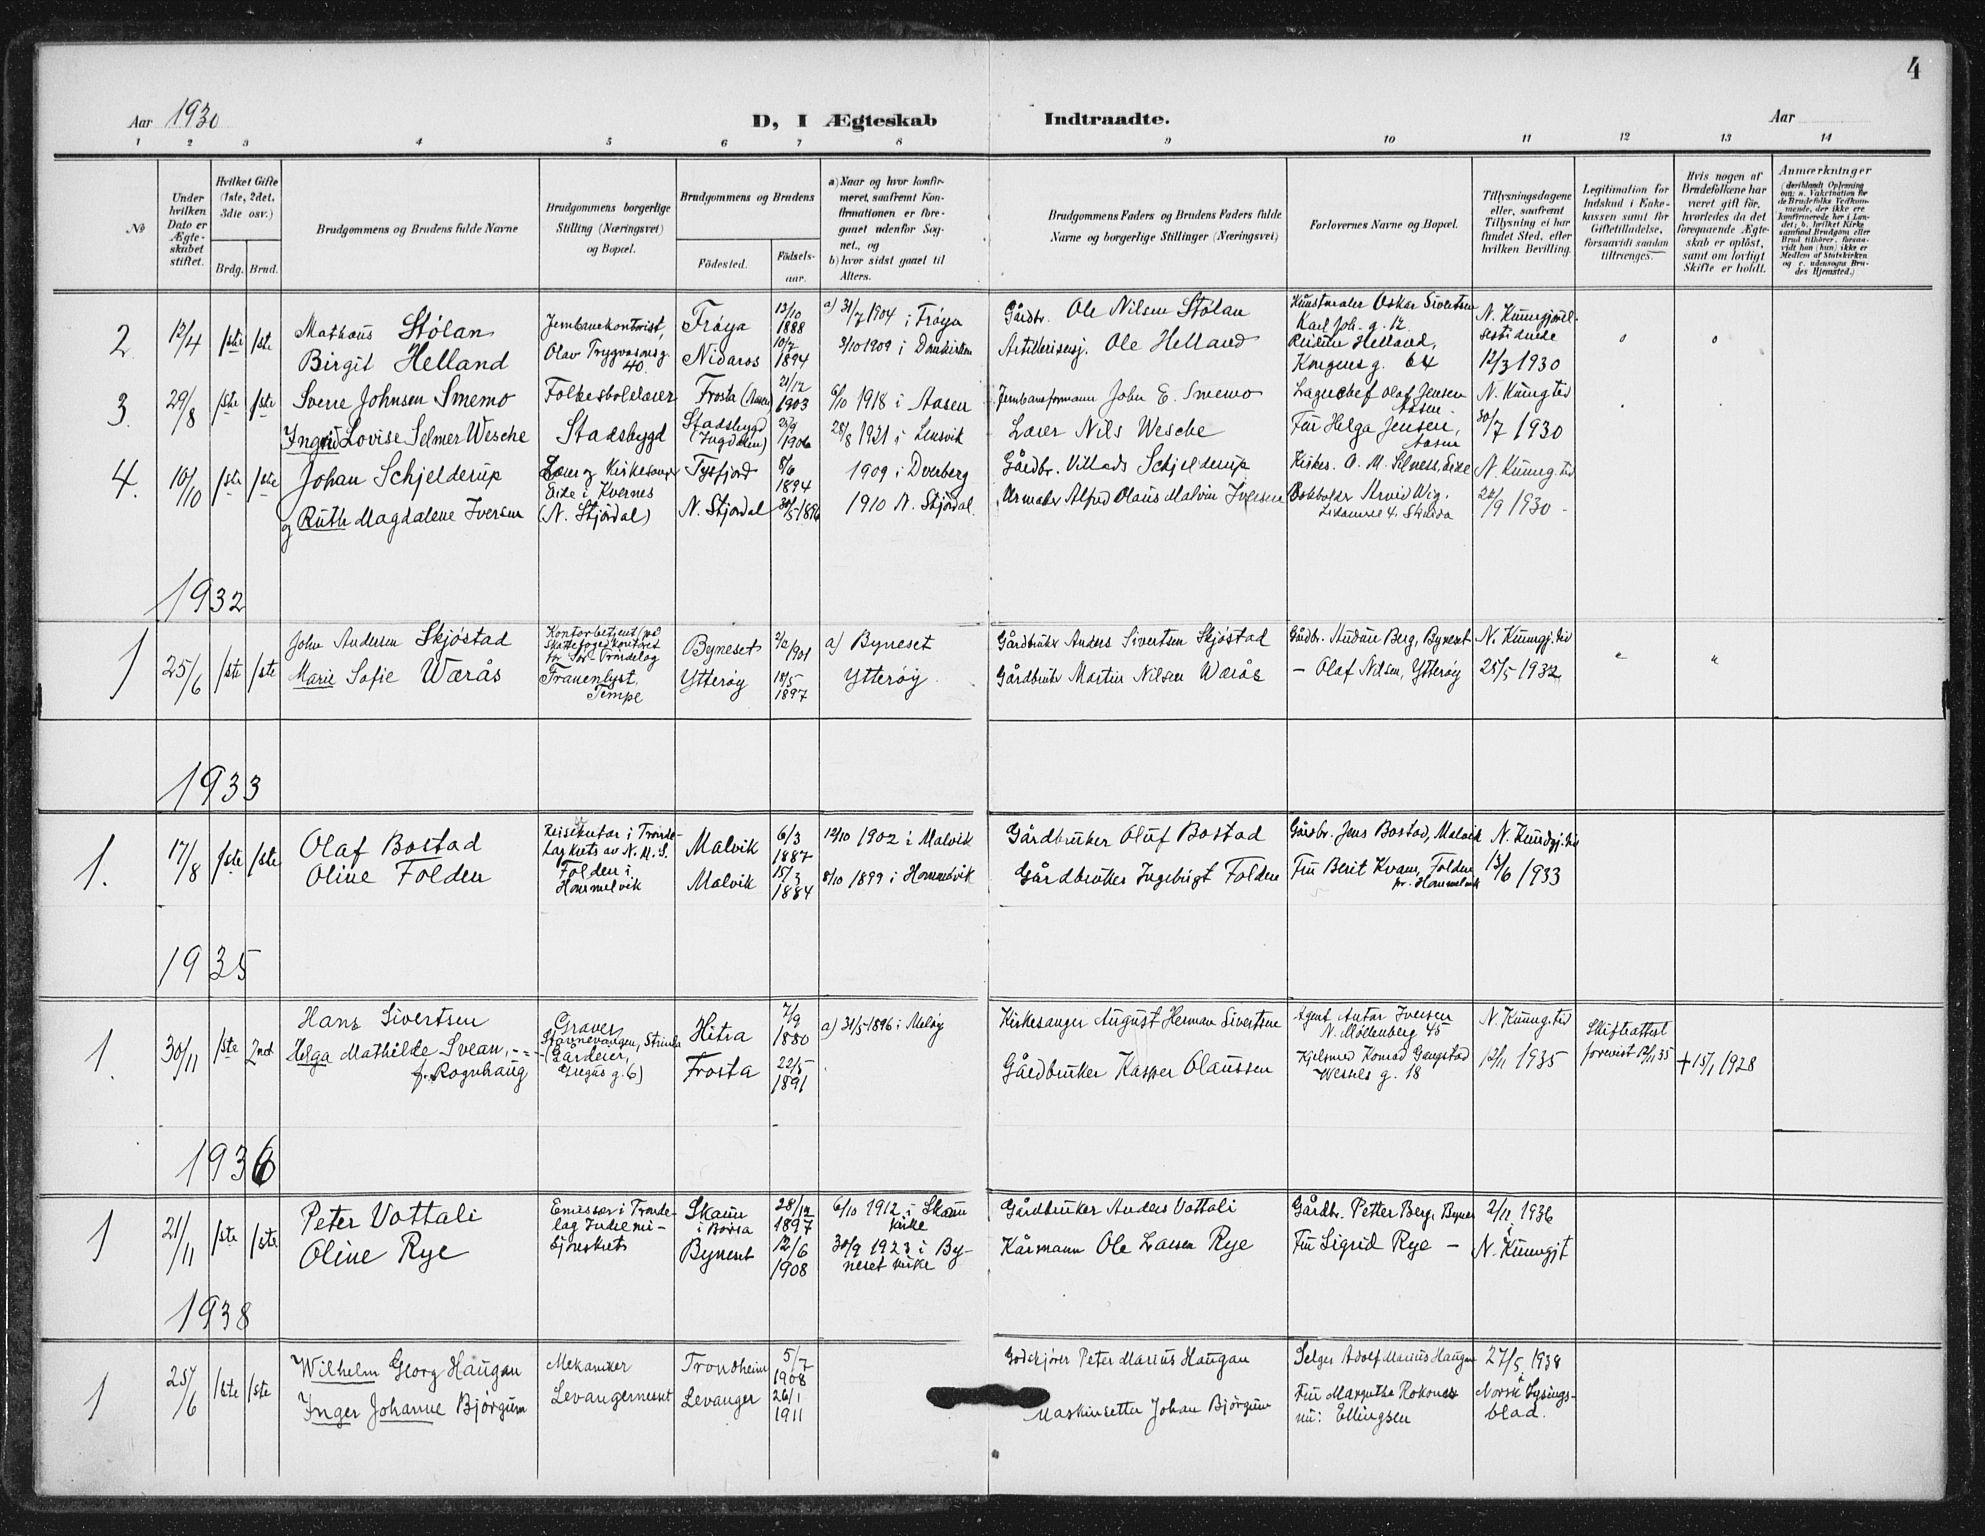 SAT, Ministerialprotokoller, klokkerbøker og fødselsregistre - Sør-Trøndelag, 623/L0472: Ministerialbok nr. 623A06, 1907-1938, s. 4